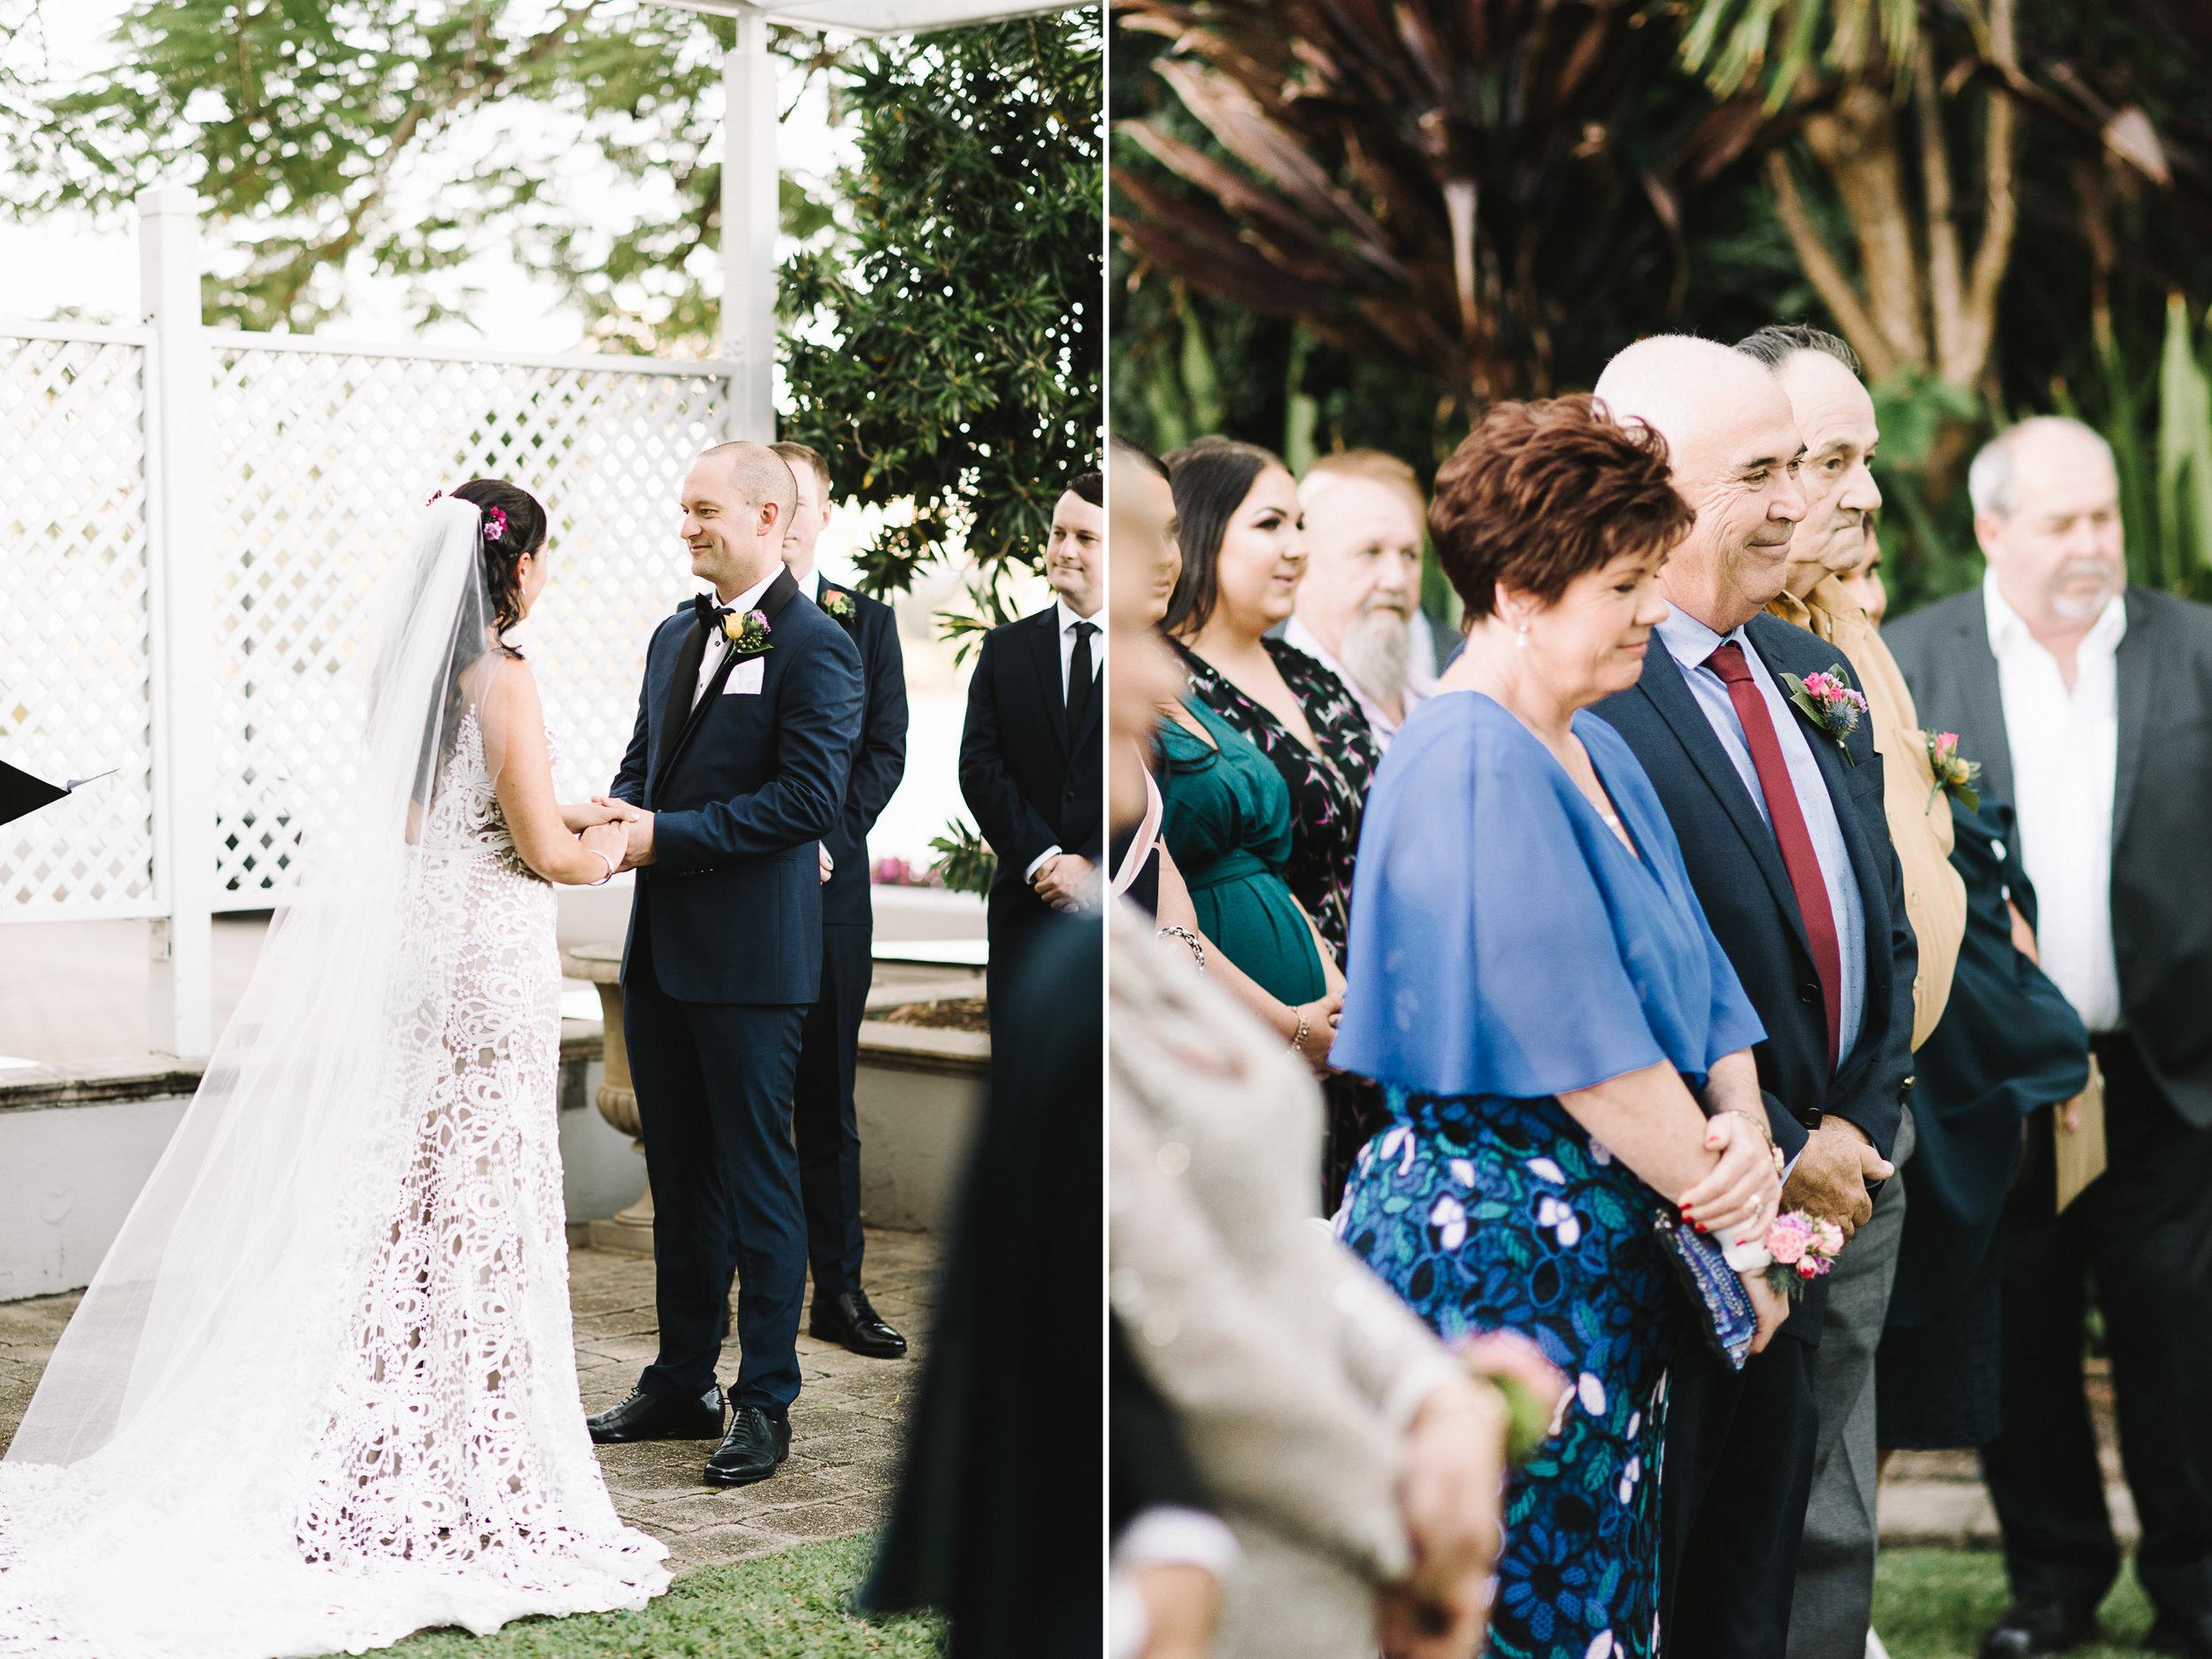 stamford-plaza-brisbane-wedding-14.jpg